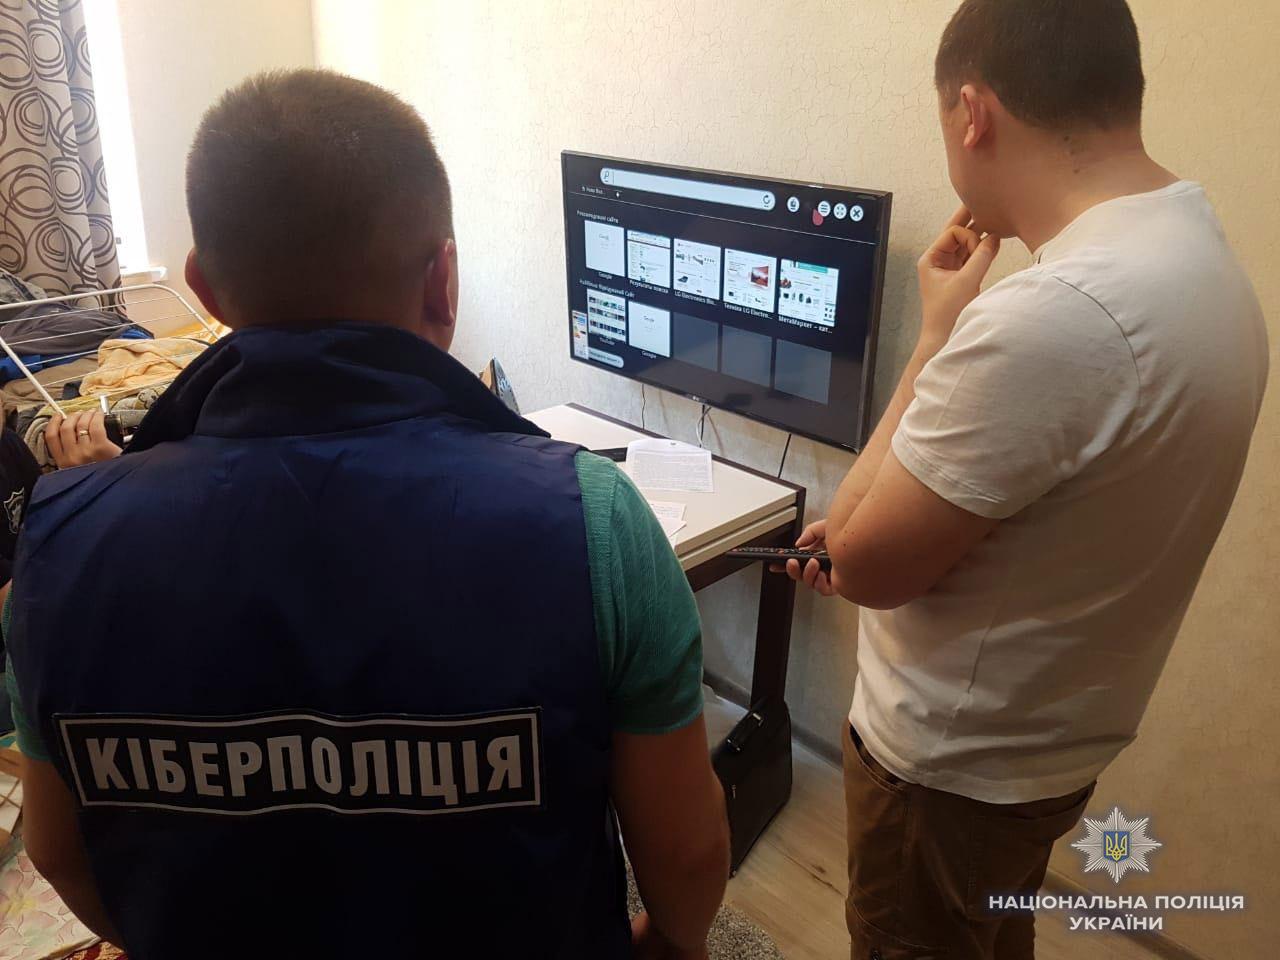 Заблоковано сайт kinoprostir.com, що незаконно поширював «Кіборгів» – Кіберполіція